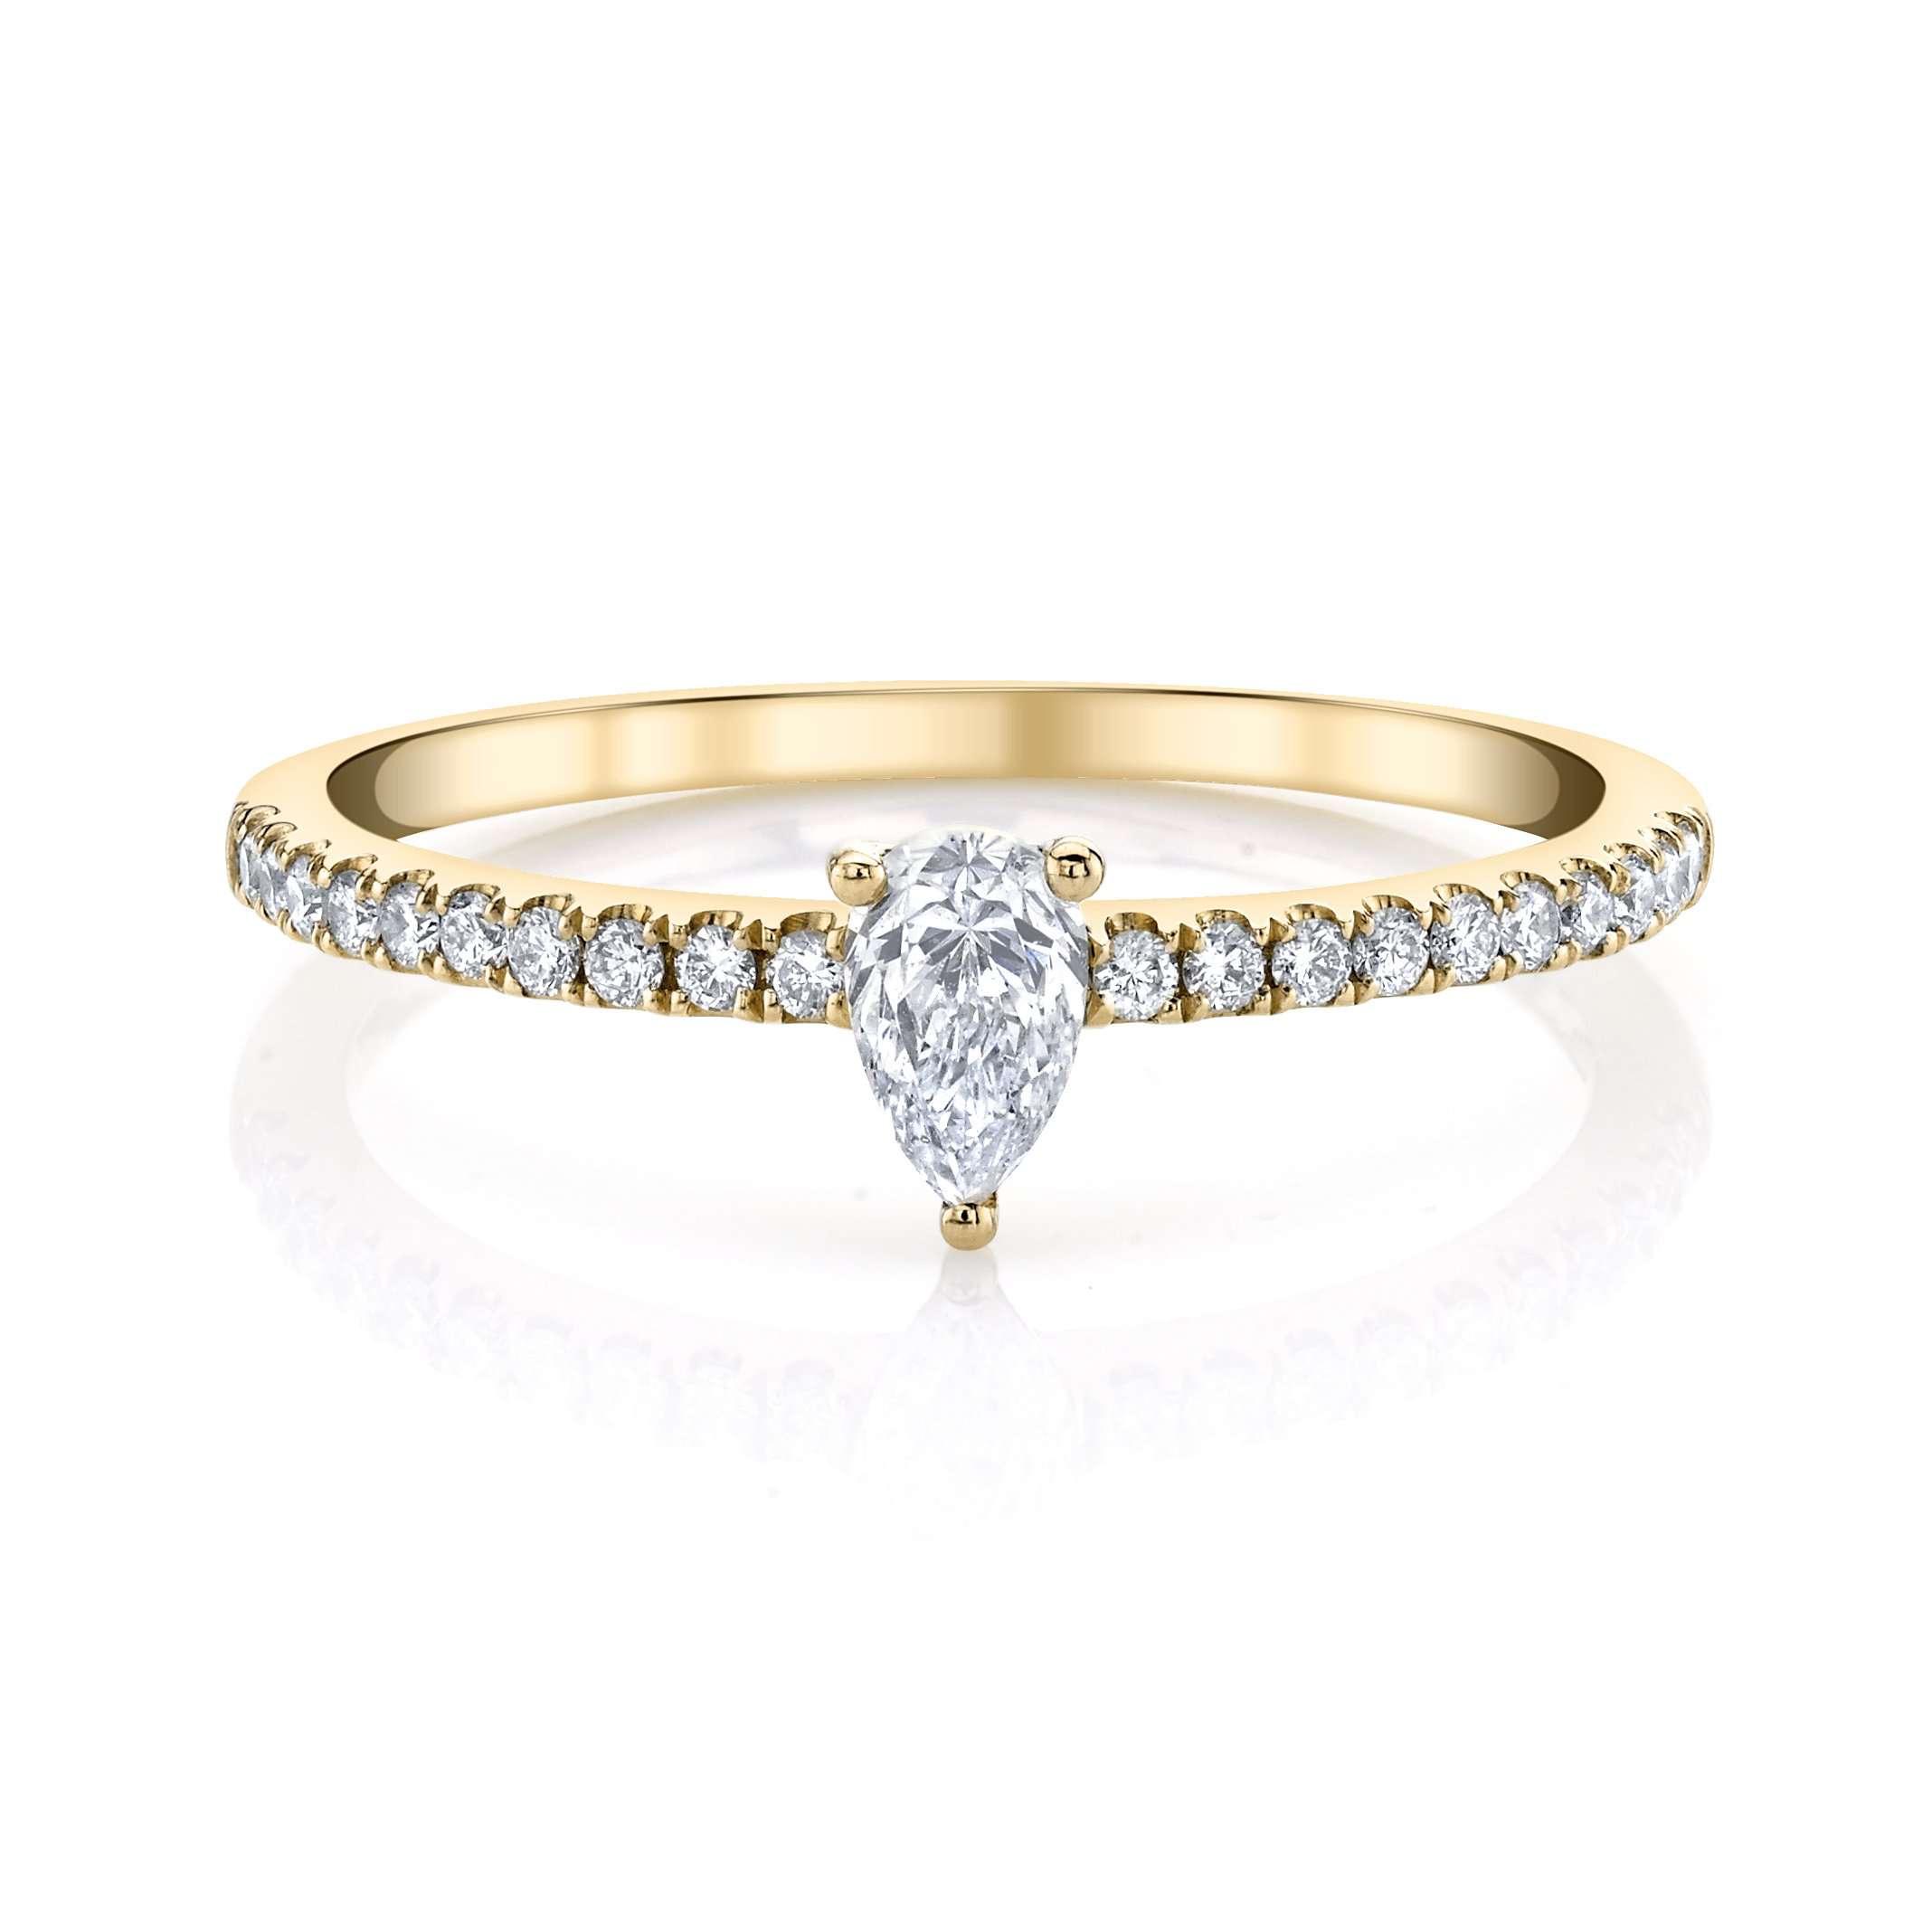 Anita Ko Me/You Pear Diamond Pavé Ring